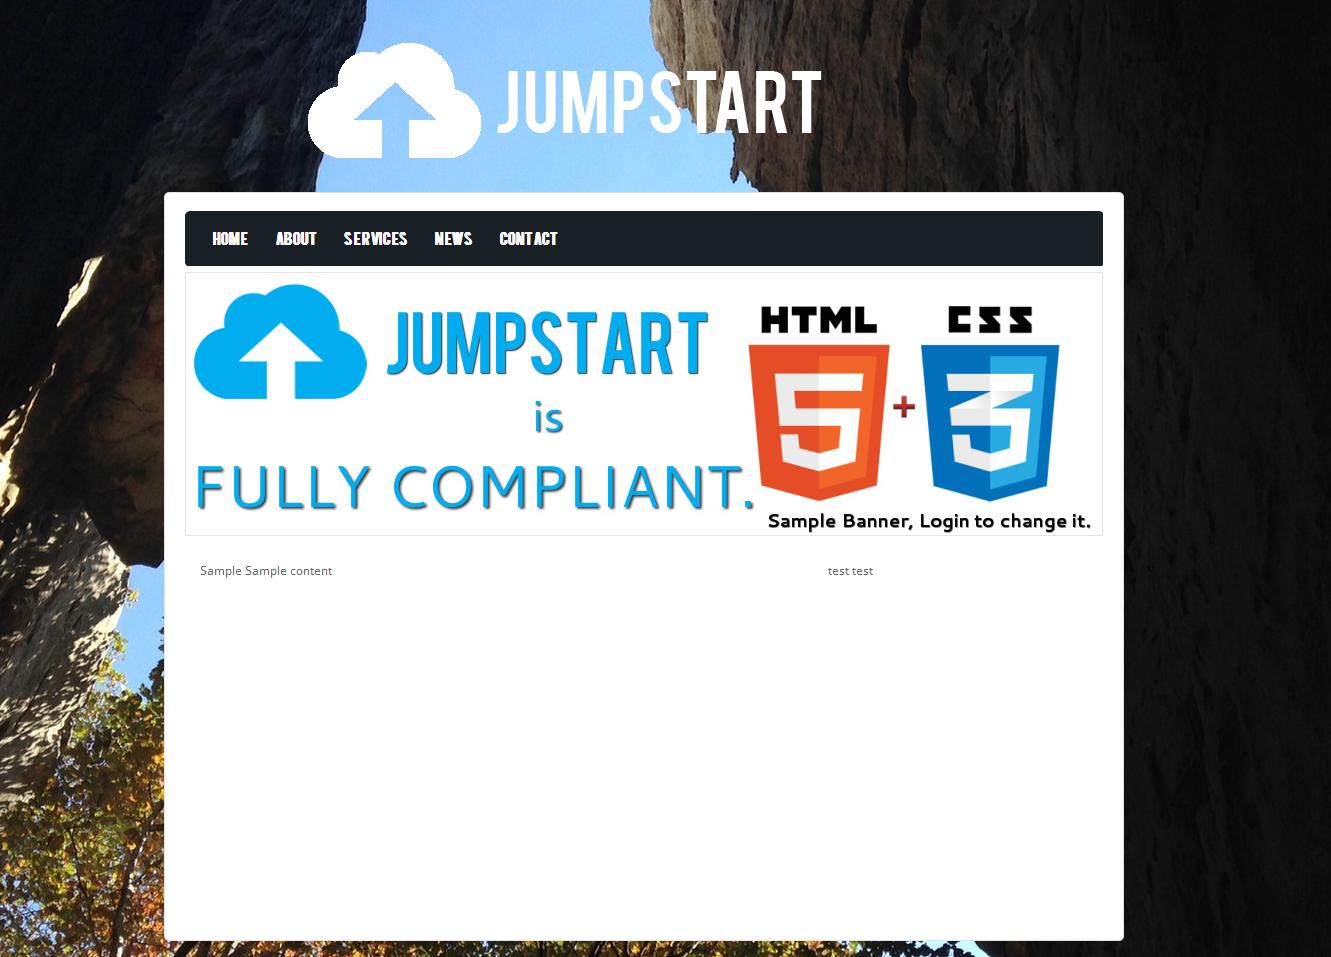 Jumpstart CMS